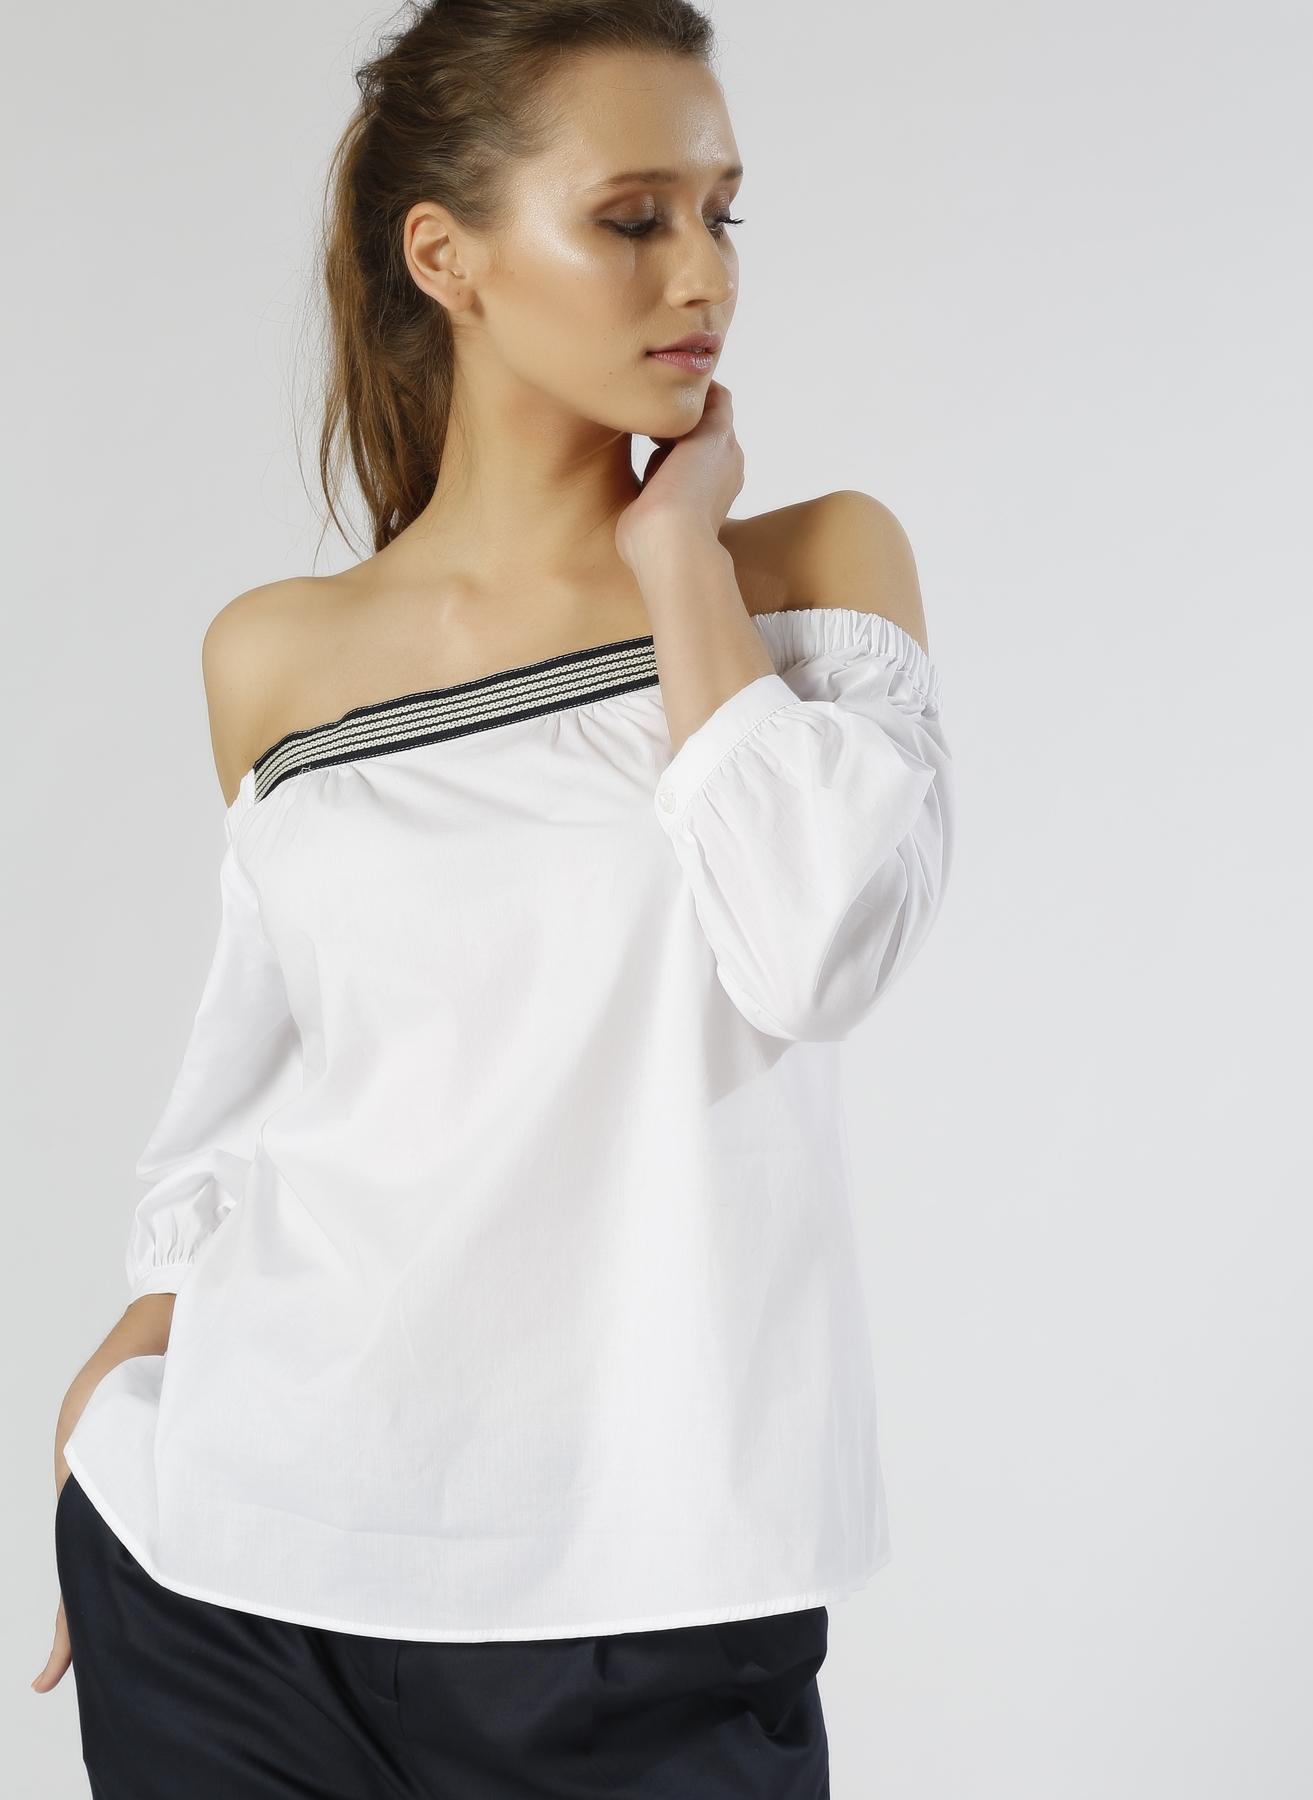 North Of Navy Kayık Yaka Beyaz Bluz 42 5000187527004 Ürün Resmi